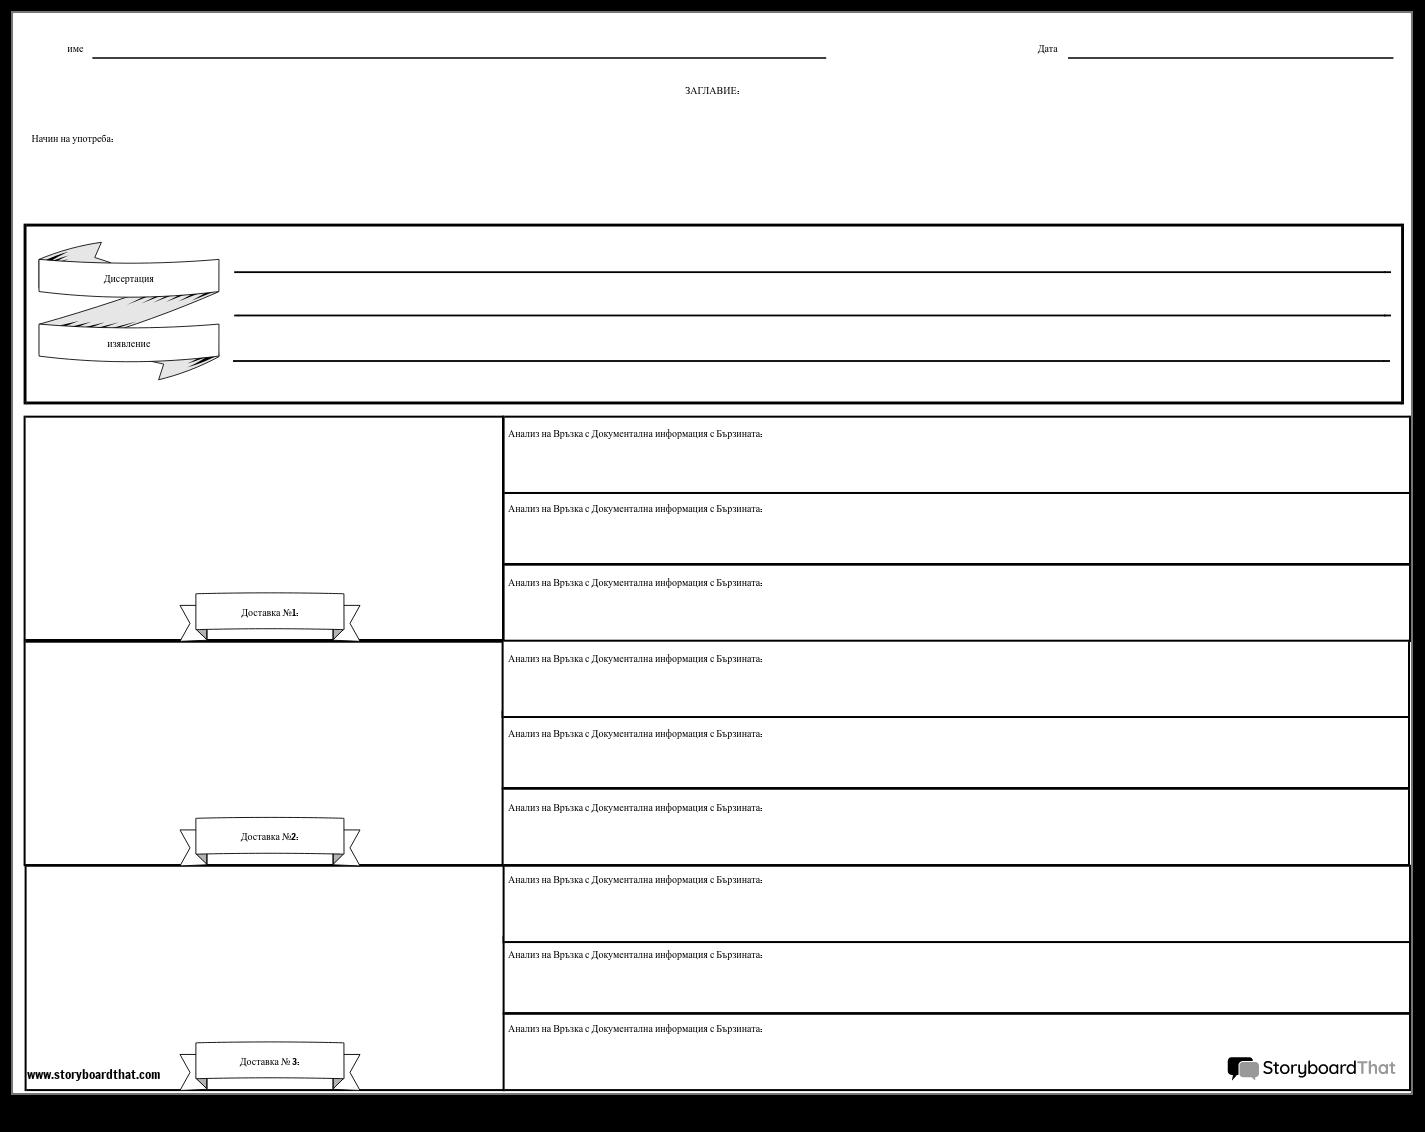 Изчертаване на Диаграмата